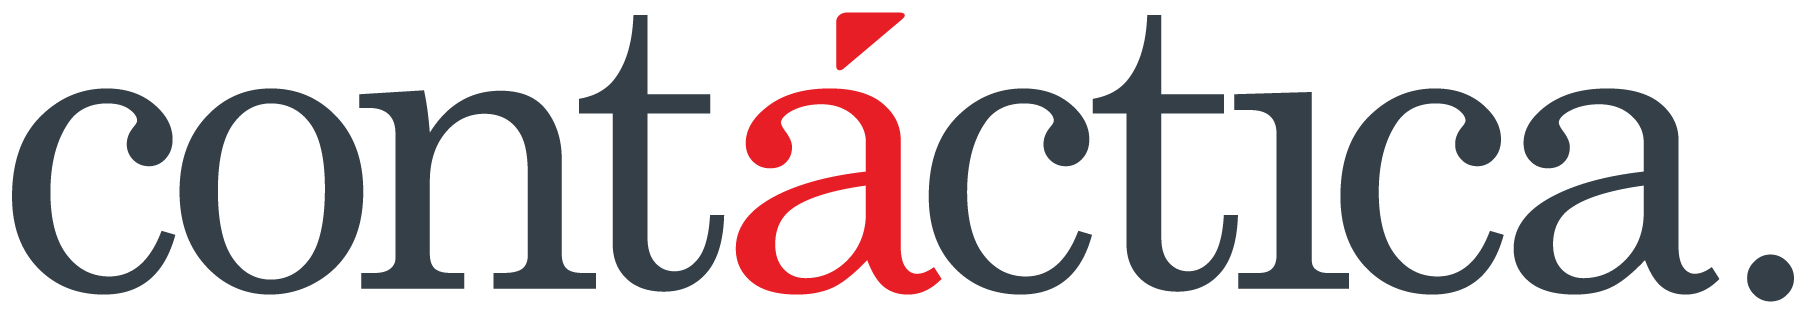 contactica logo.png